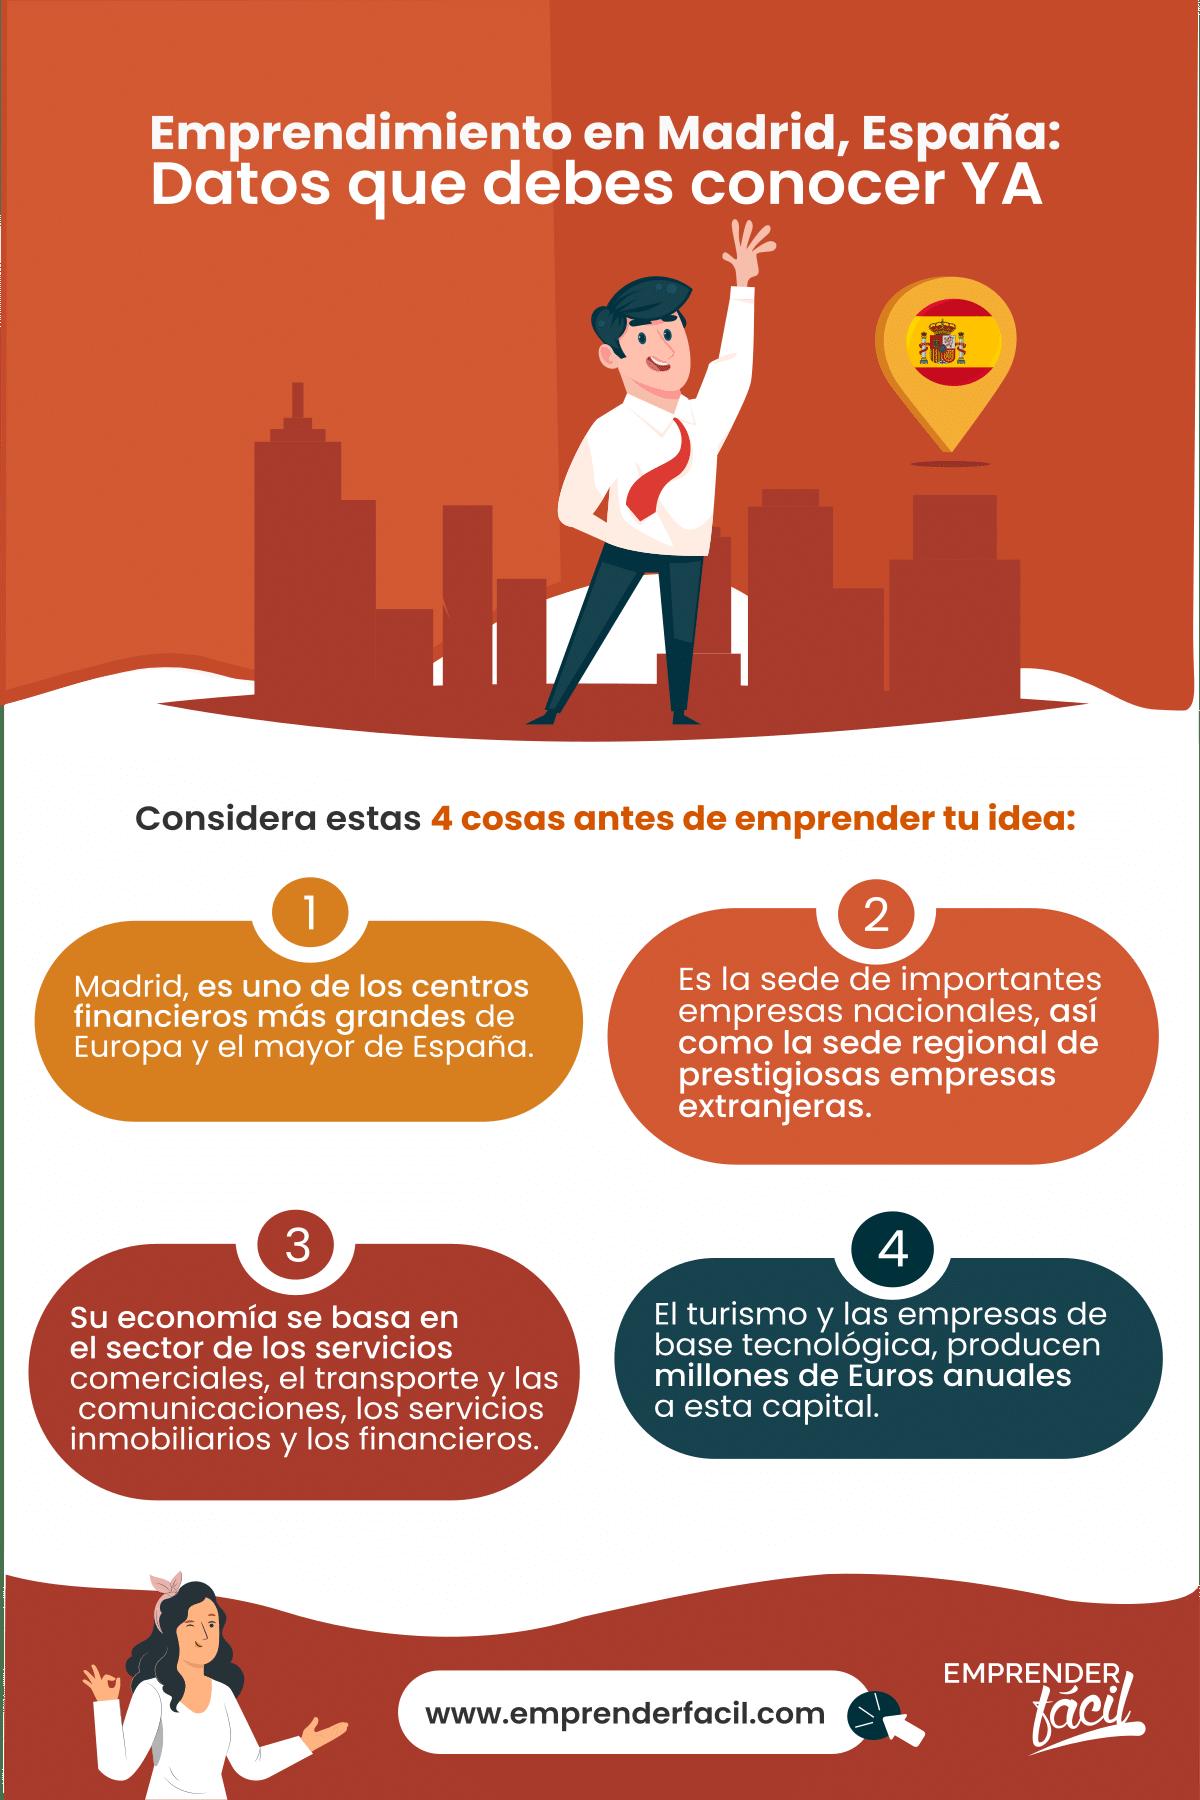 Madrid es una de las ciudades europeas con mayor estímulo al emprendimiento